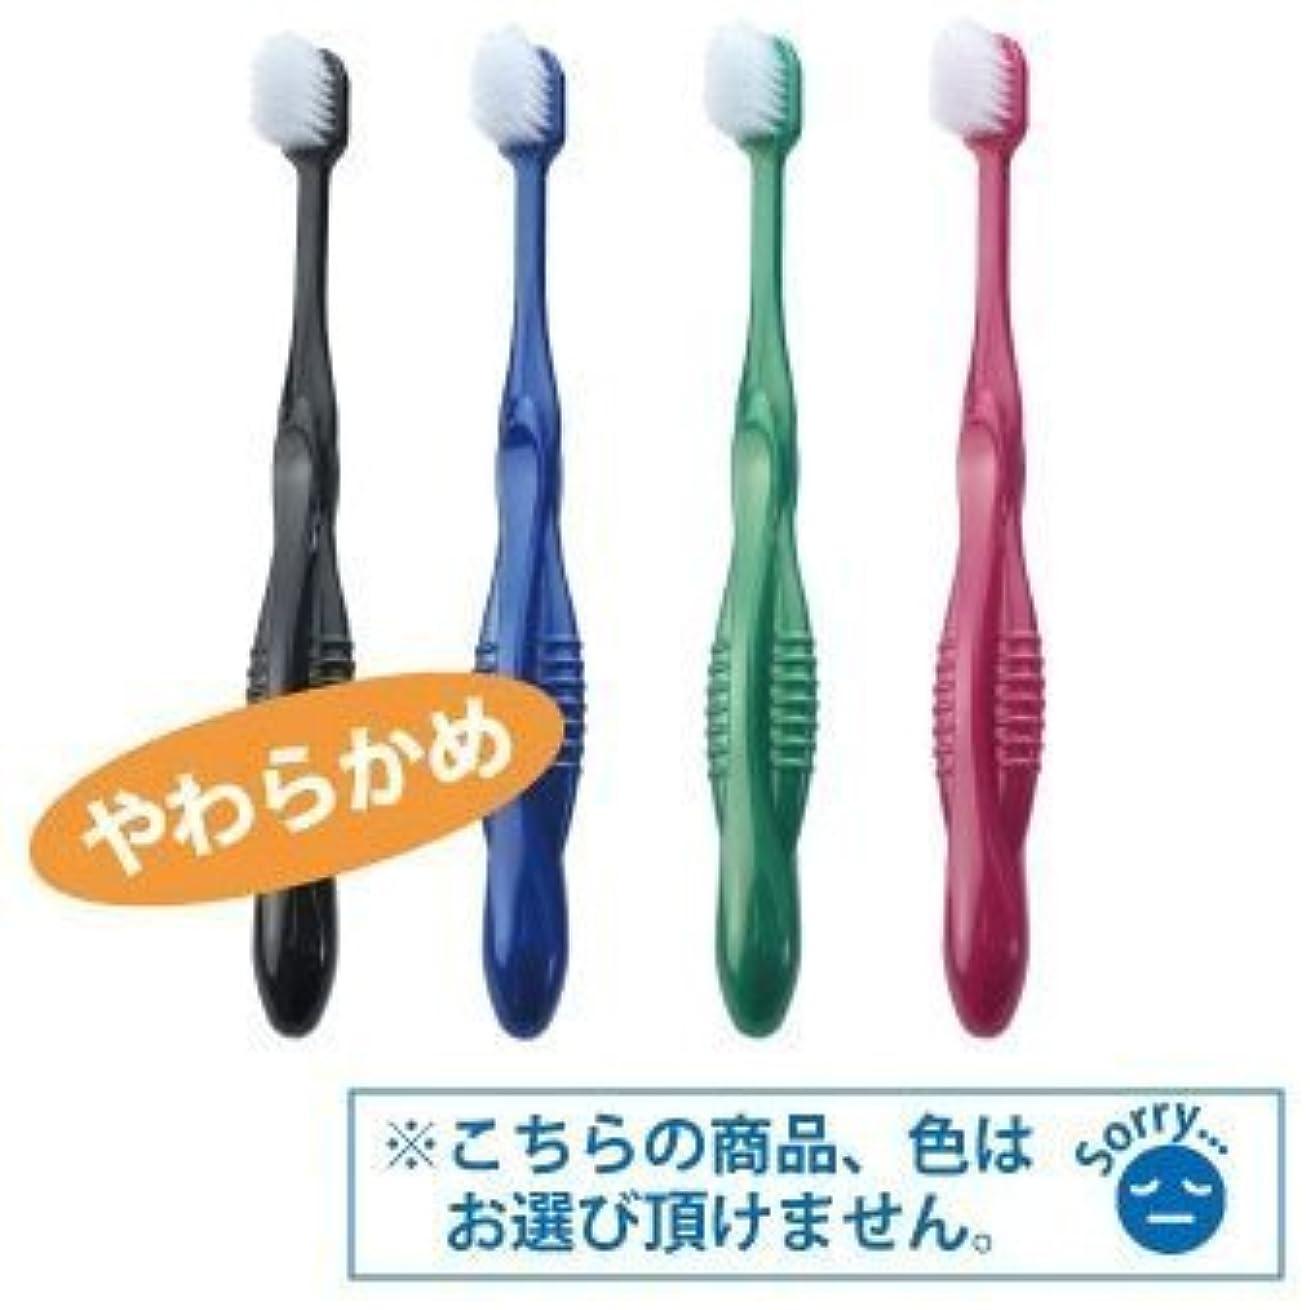 有害な頂点公使館Ciメディカル 歯ブラシ Ci800(超先細+ラウンド毛タイプ)×1本 (S(やわらかめ))